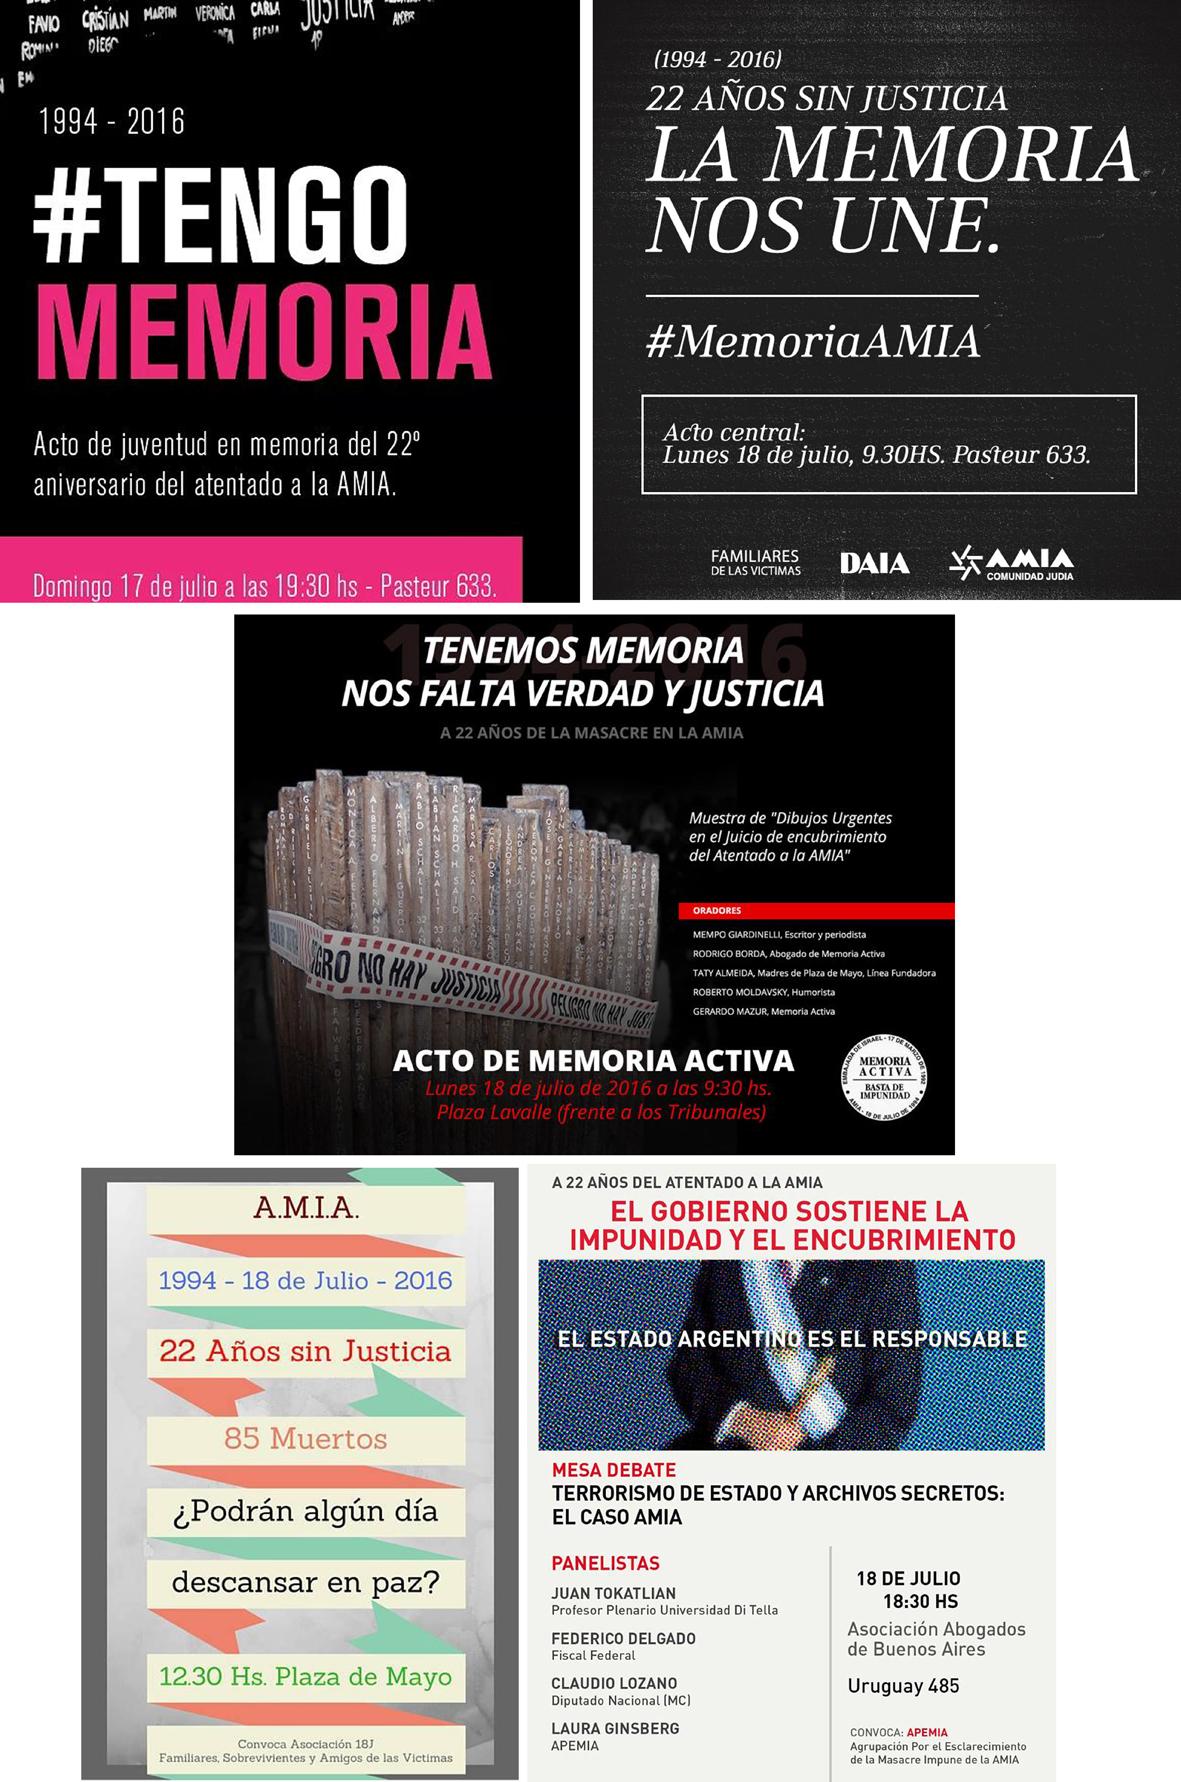 AMIA/Aniversario. Cinco actos en Buenos Aires y otros en el Interior recordarán los 22 años del atentado